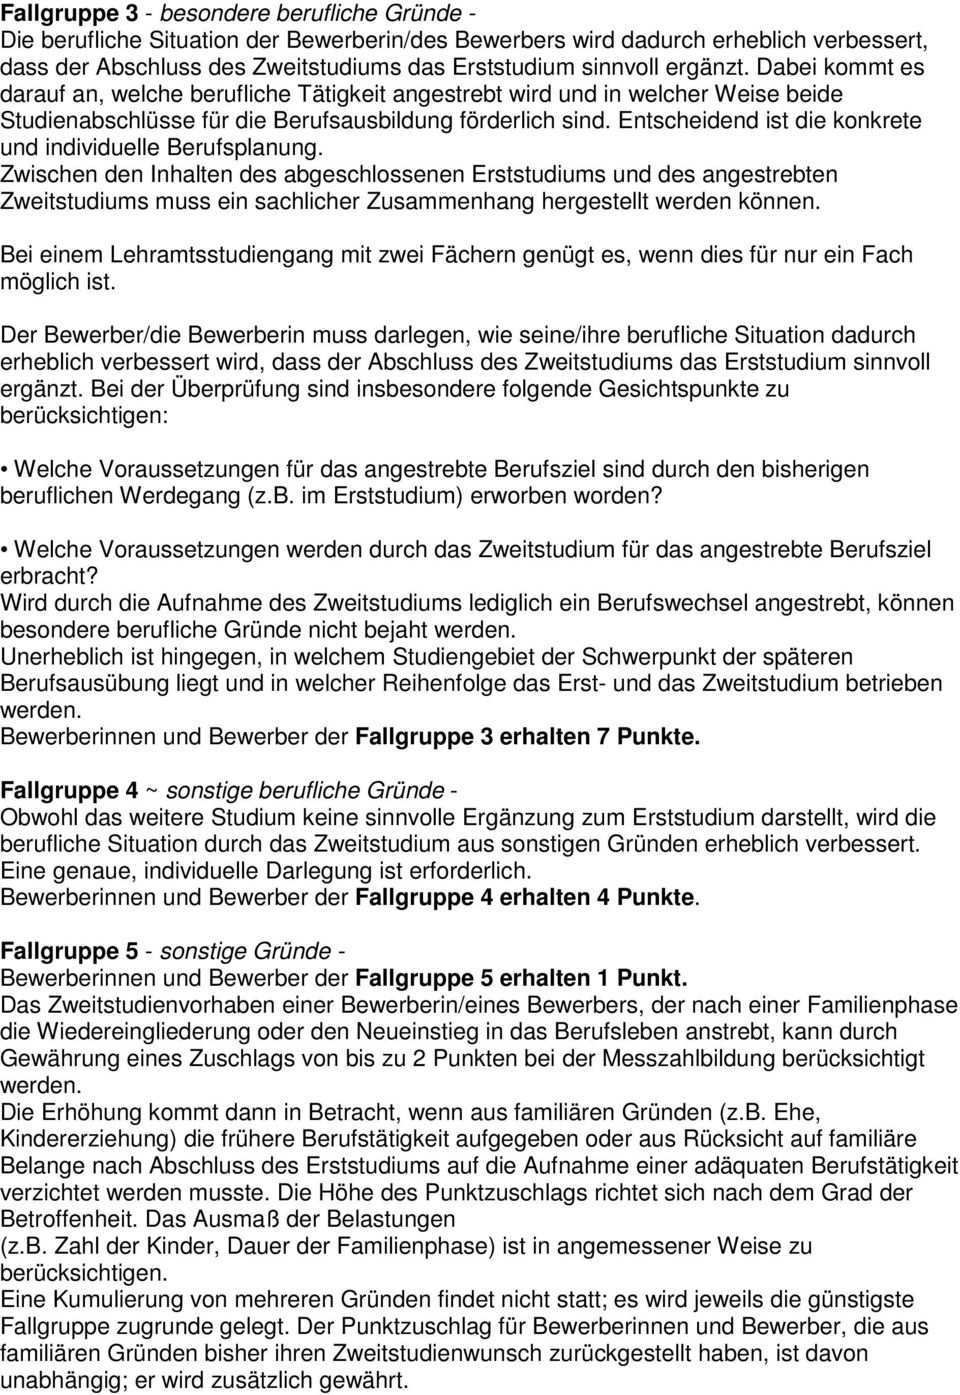 Zweitstudium An Der Universitat Heidelberg Dieses Merkblatt Enthalt Informationen Uber Die Zulassung Zum Zweitstudium Pdf Kostenfreier Download